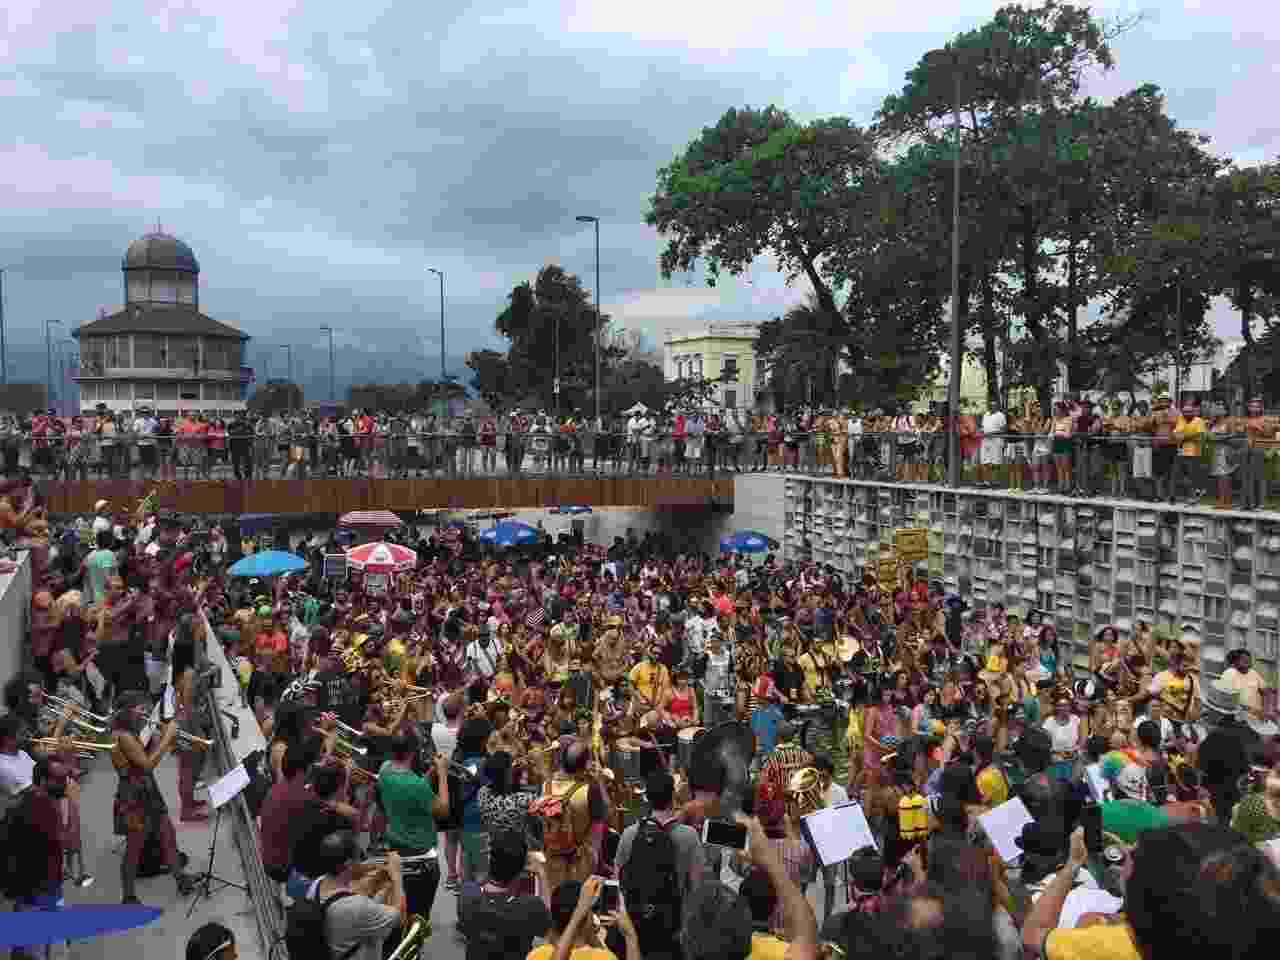 Orquestra Voadora faz concentração na Praça Marechal Âncora, no Rio, na abertura do Carnaval não oficial - Giovani Lettiere/UOL